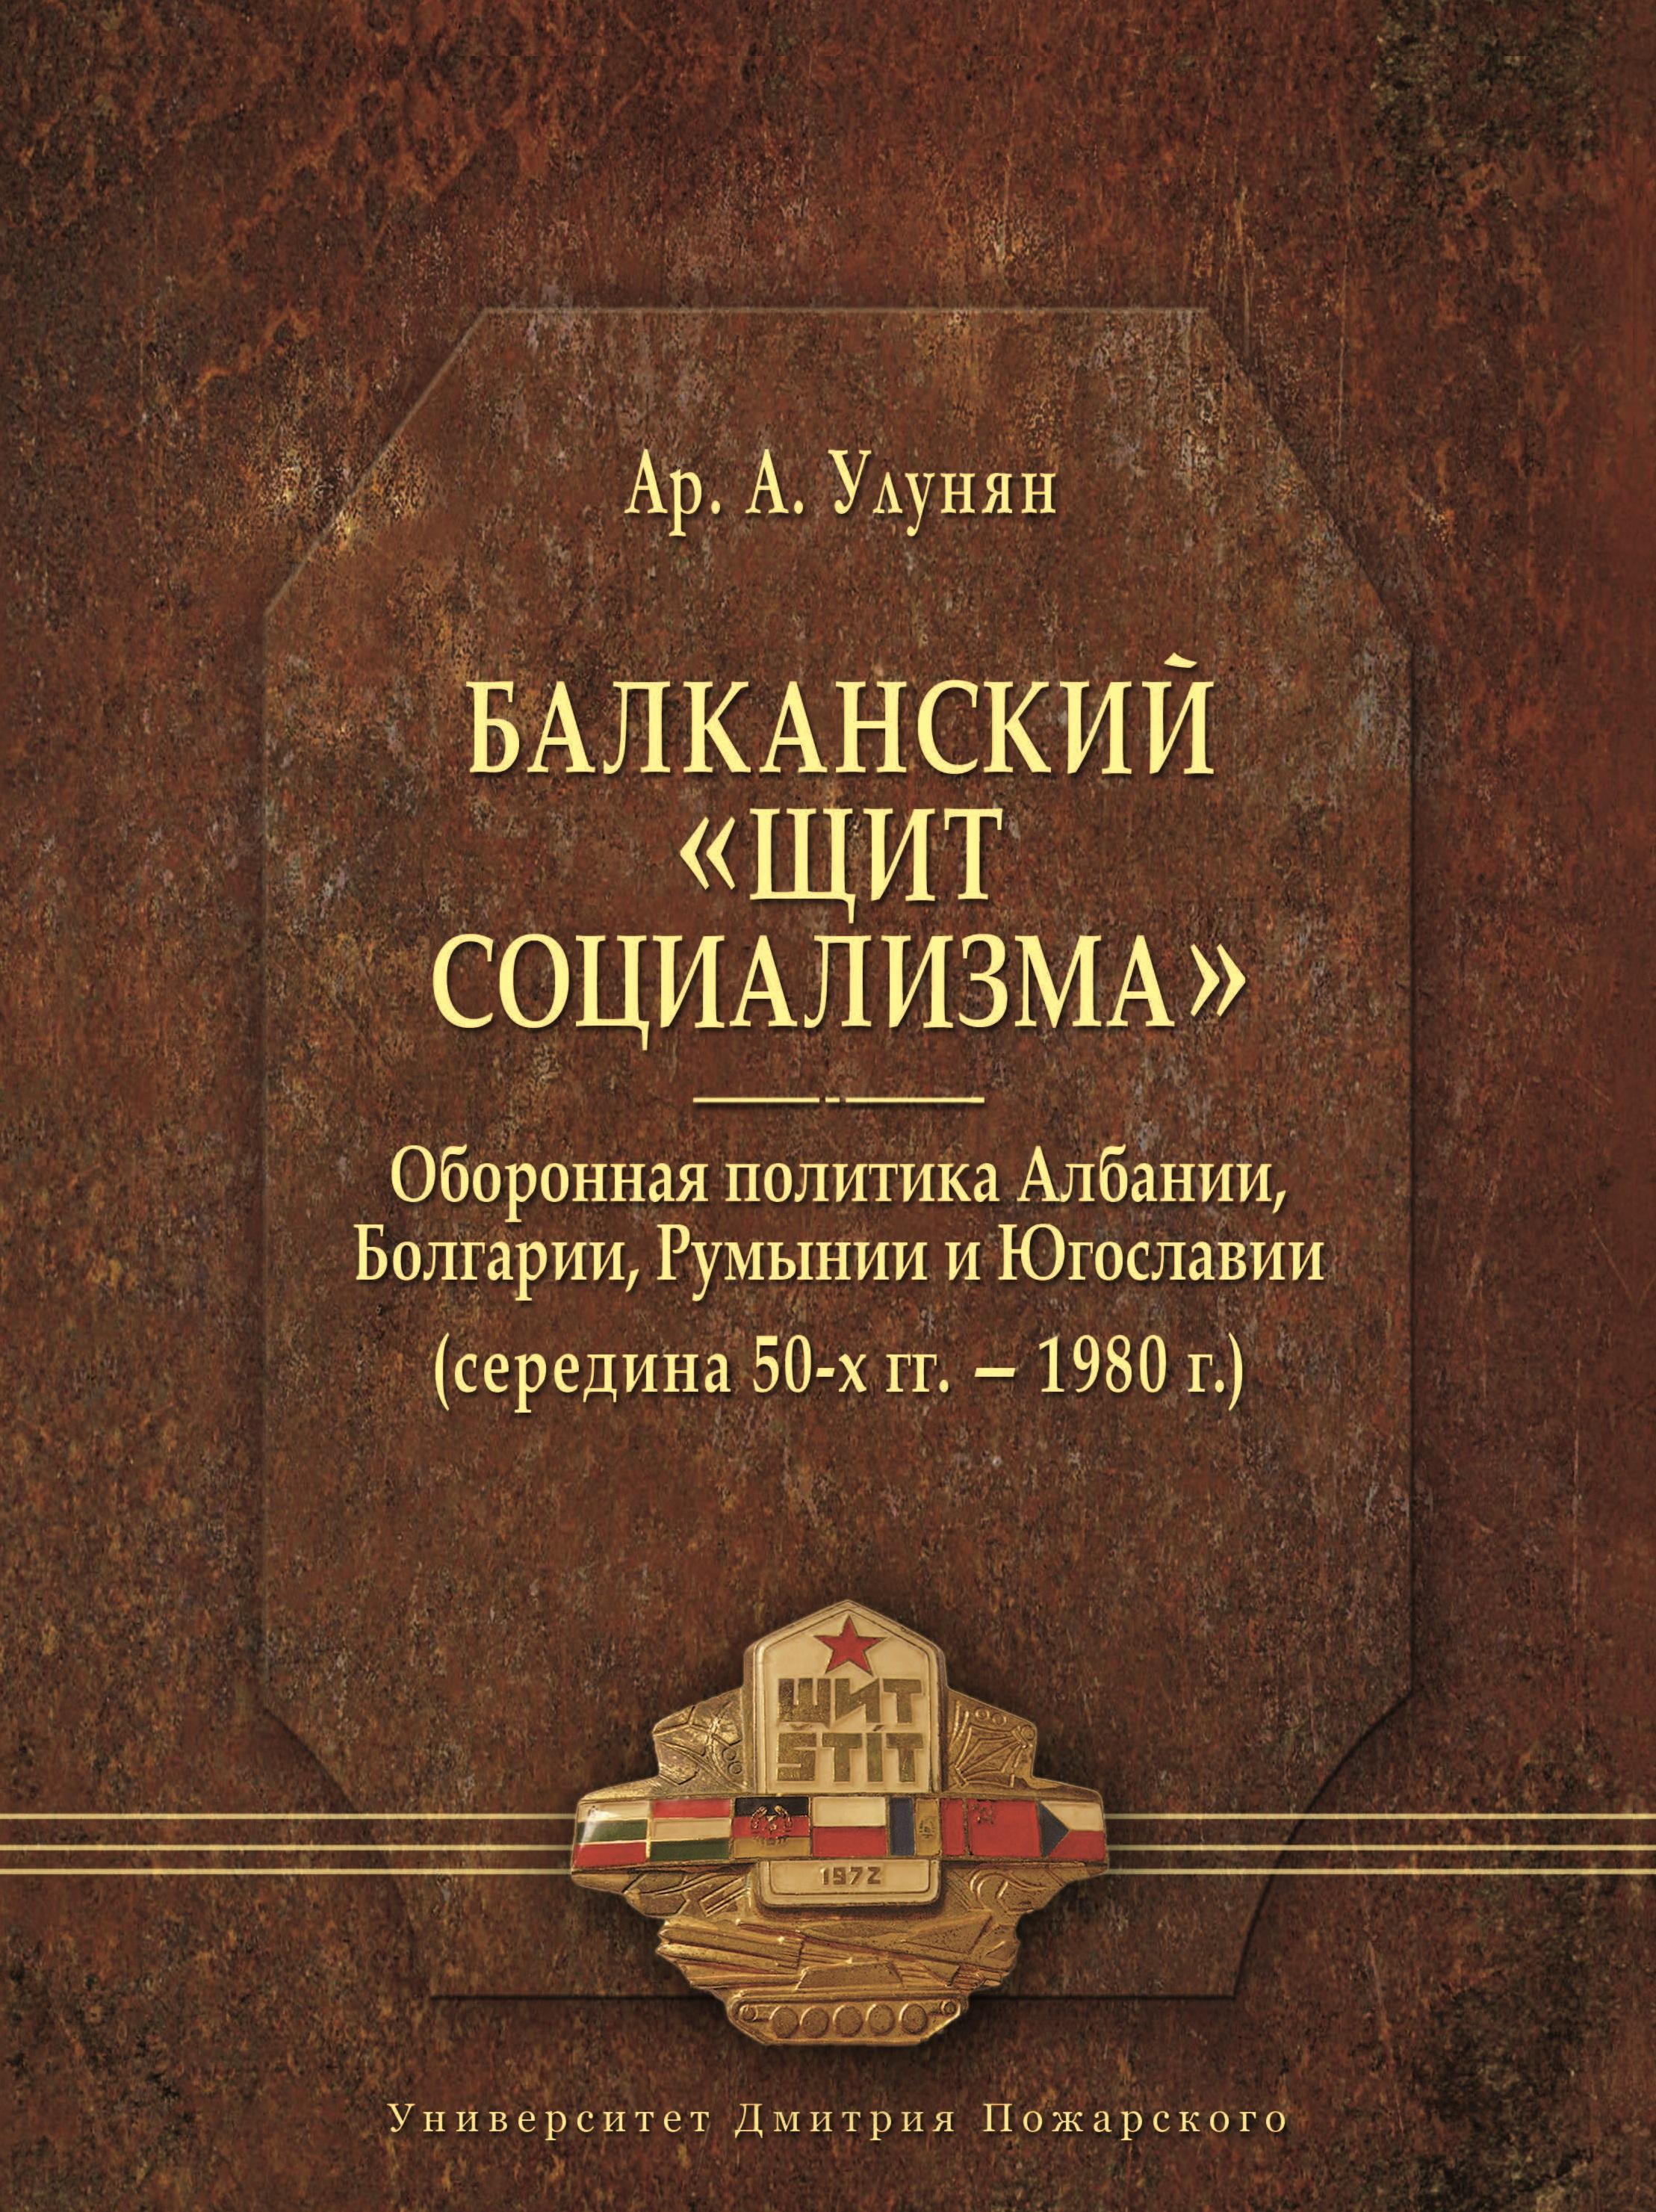 balkanskiy shchit sotsializma oboronnaya politika albanii bolgarii rumynii i yugoslavii seredina 50 kh gg 1980 g